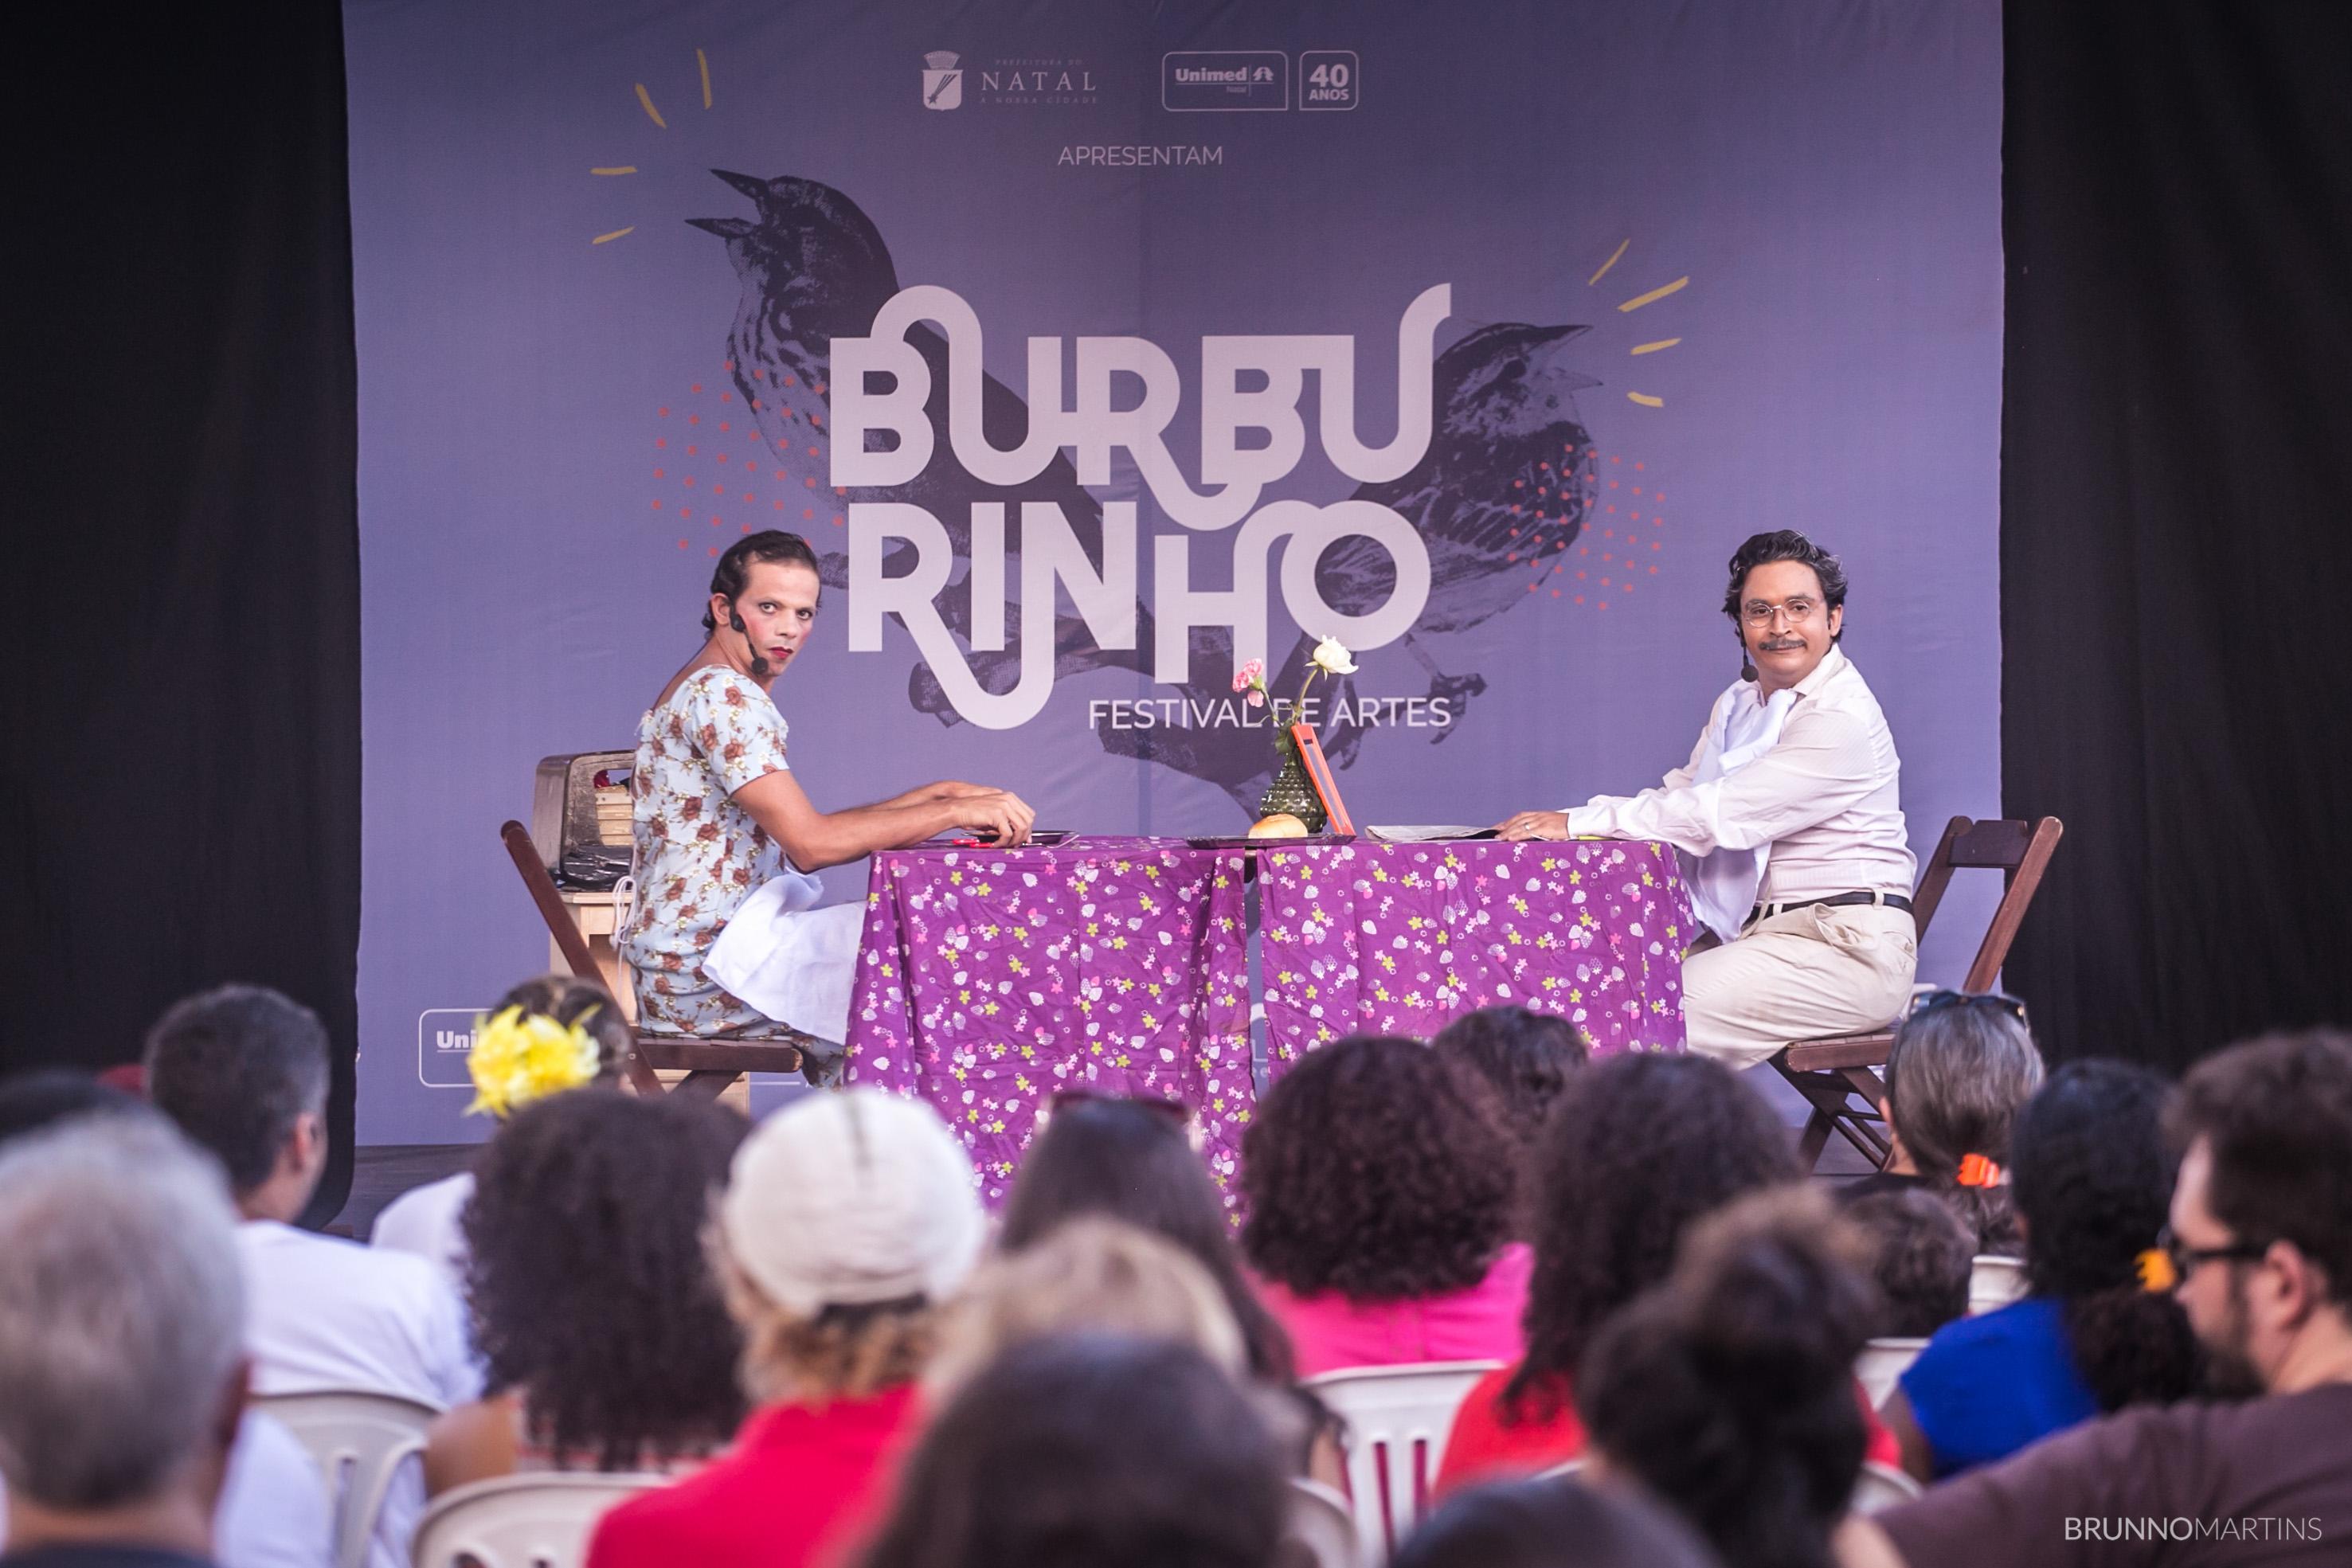 Burburinho Festival de Artes chega à segunda edição em março